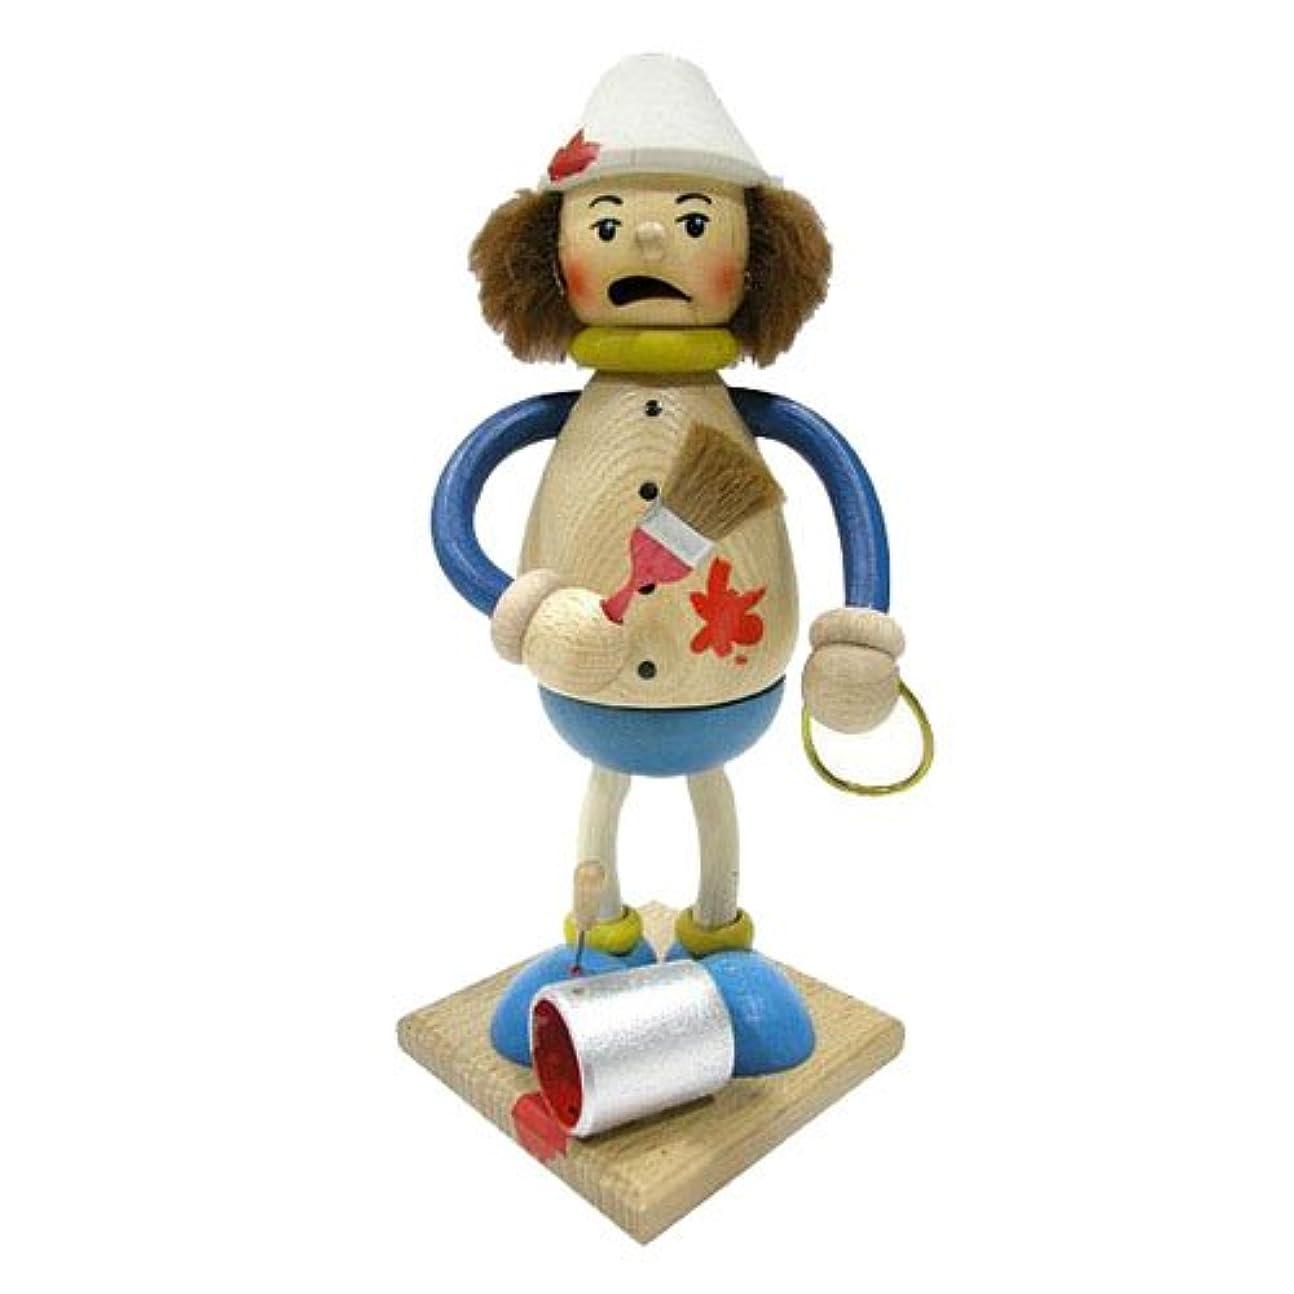 荒れ地抽出ちょっと待って39095 Kuhnert(クーネルト) ミニパイプ人形香炉 ペインター